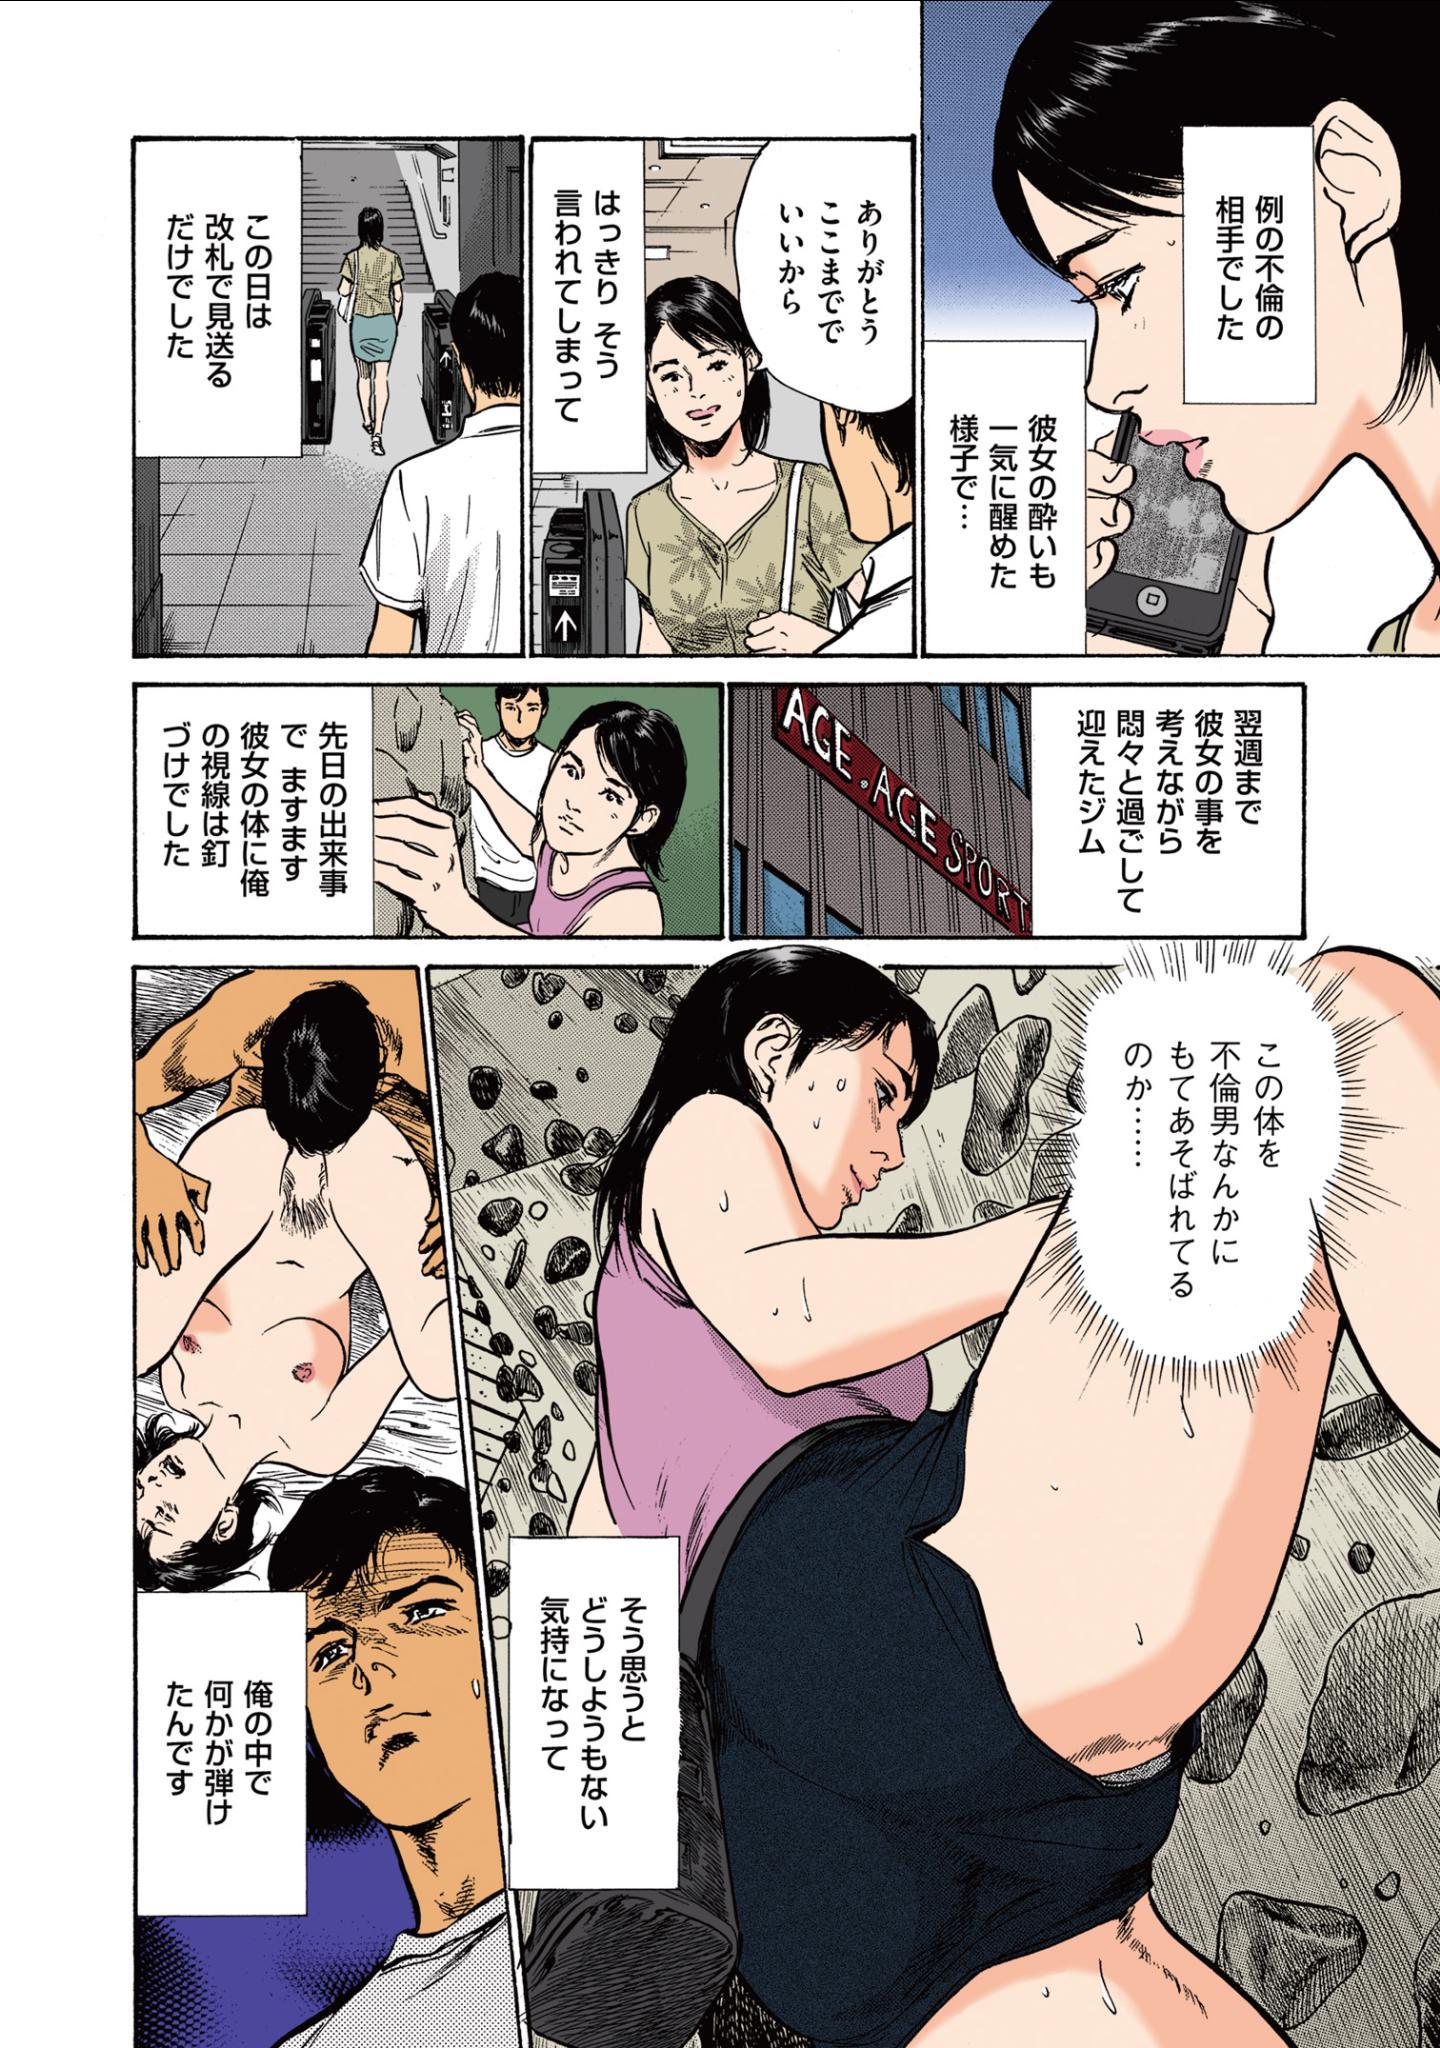 [Hazuki Kaoru] Hazuki Kaoru no Tamaranai Hanashi (Full Color Version) 1-2 25